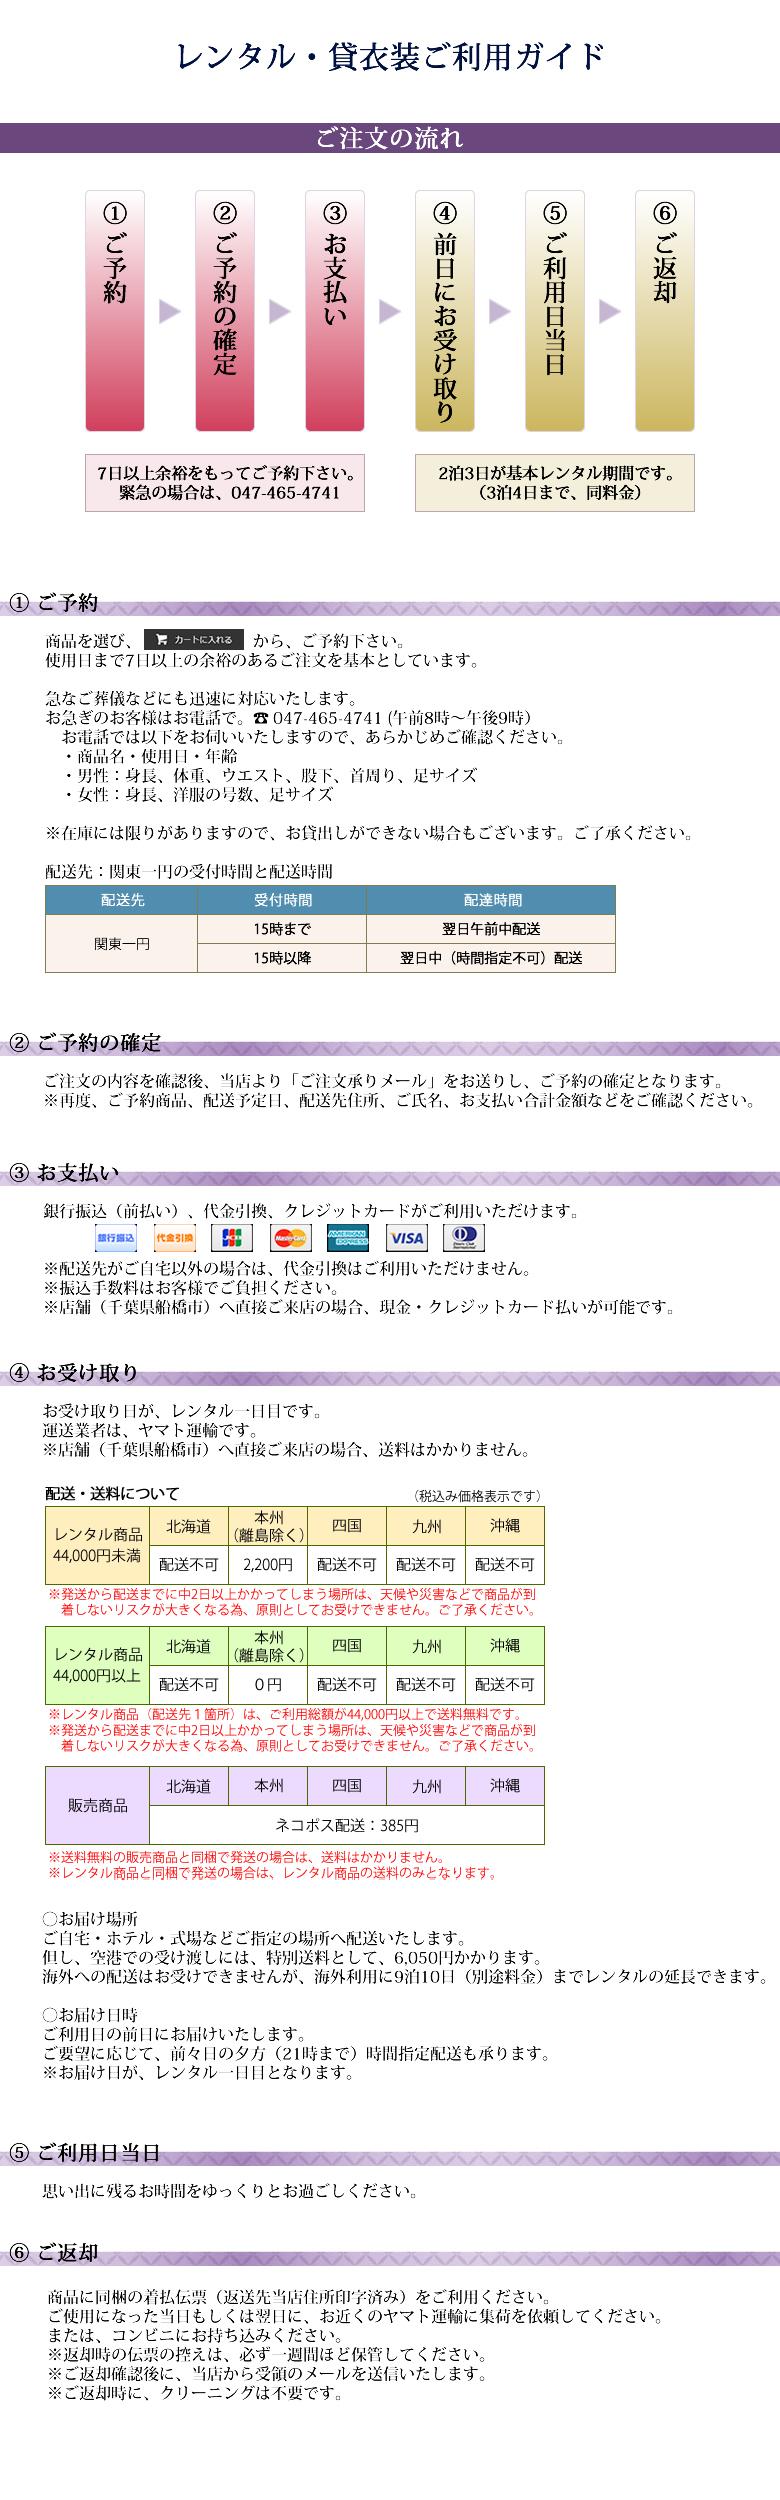 レンタル・貸衣裳ご利用ガイド